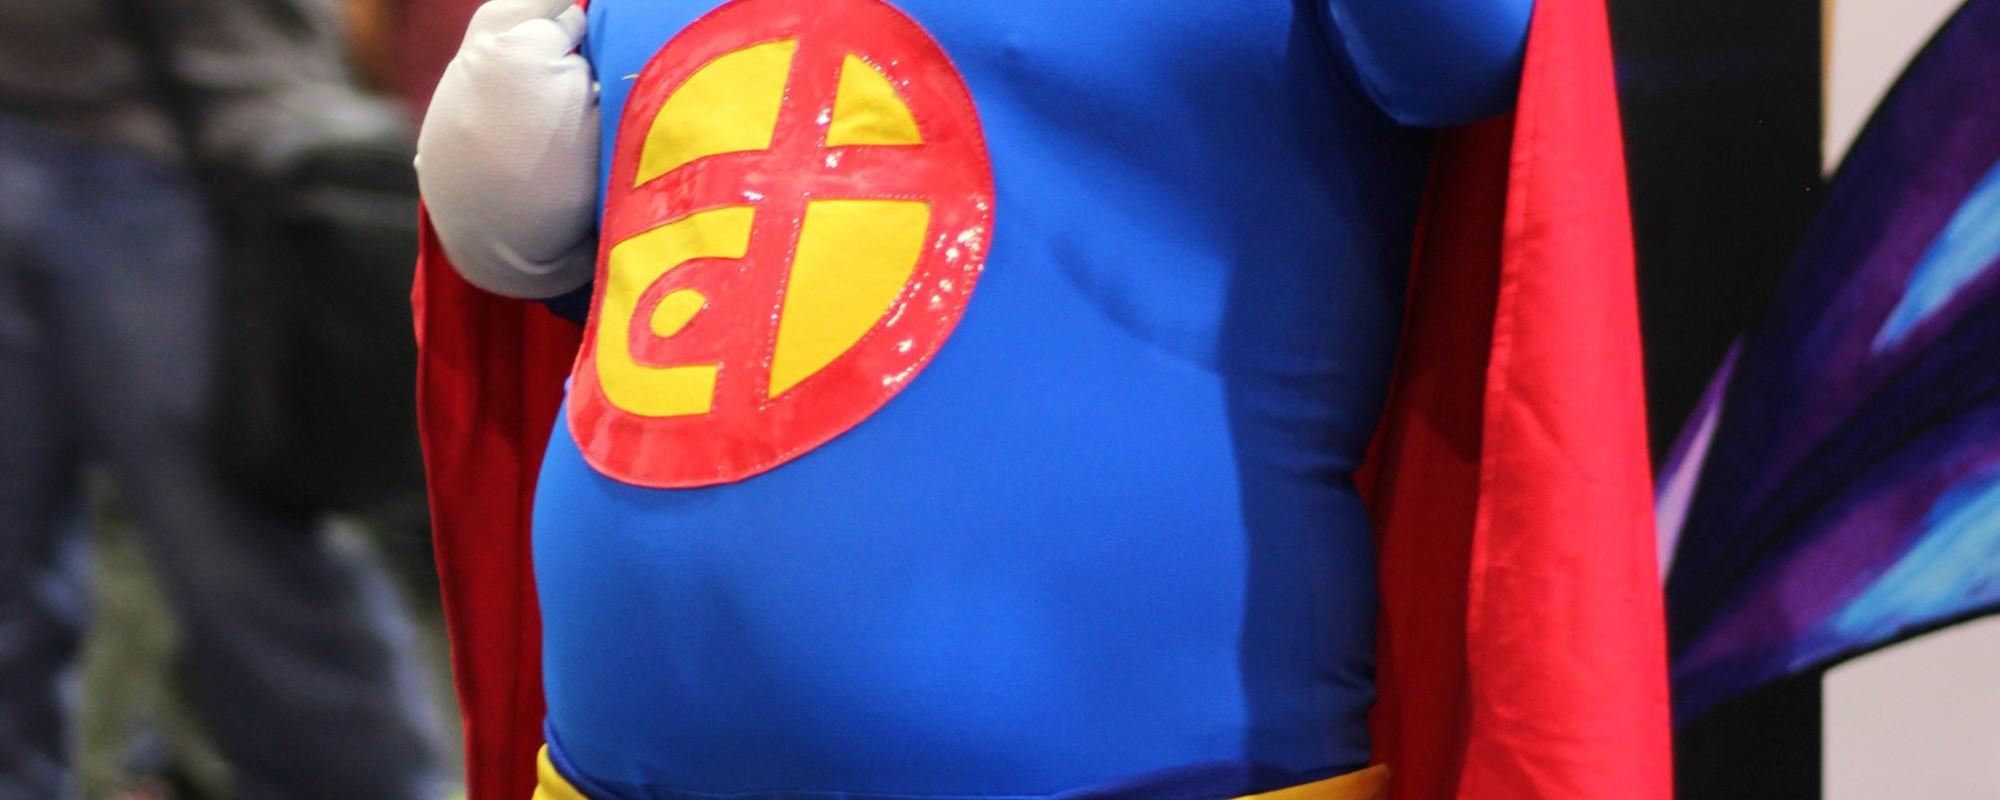 Fotos de La Mole: 20 años de cómics y cosplay en México